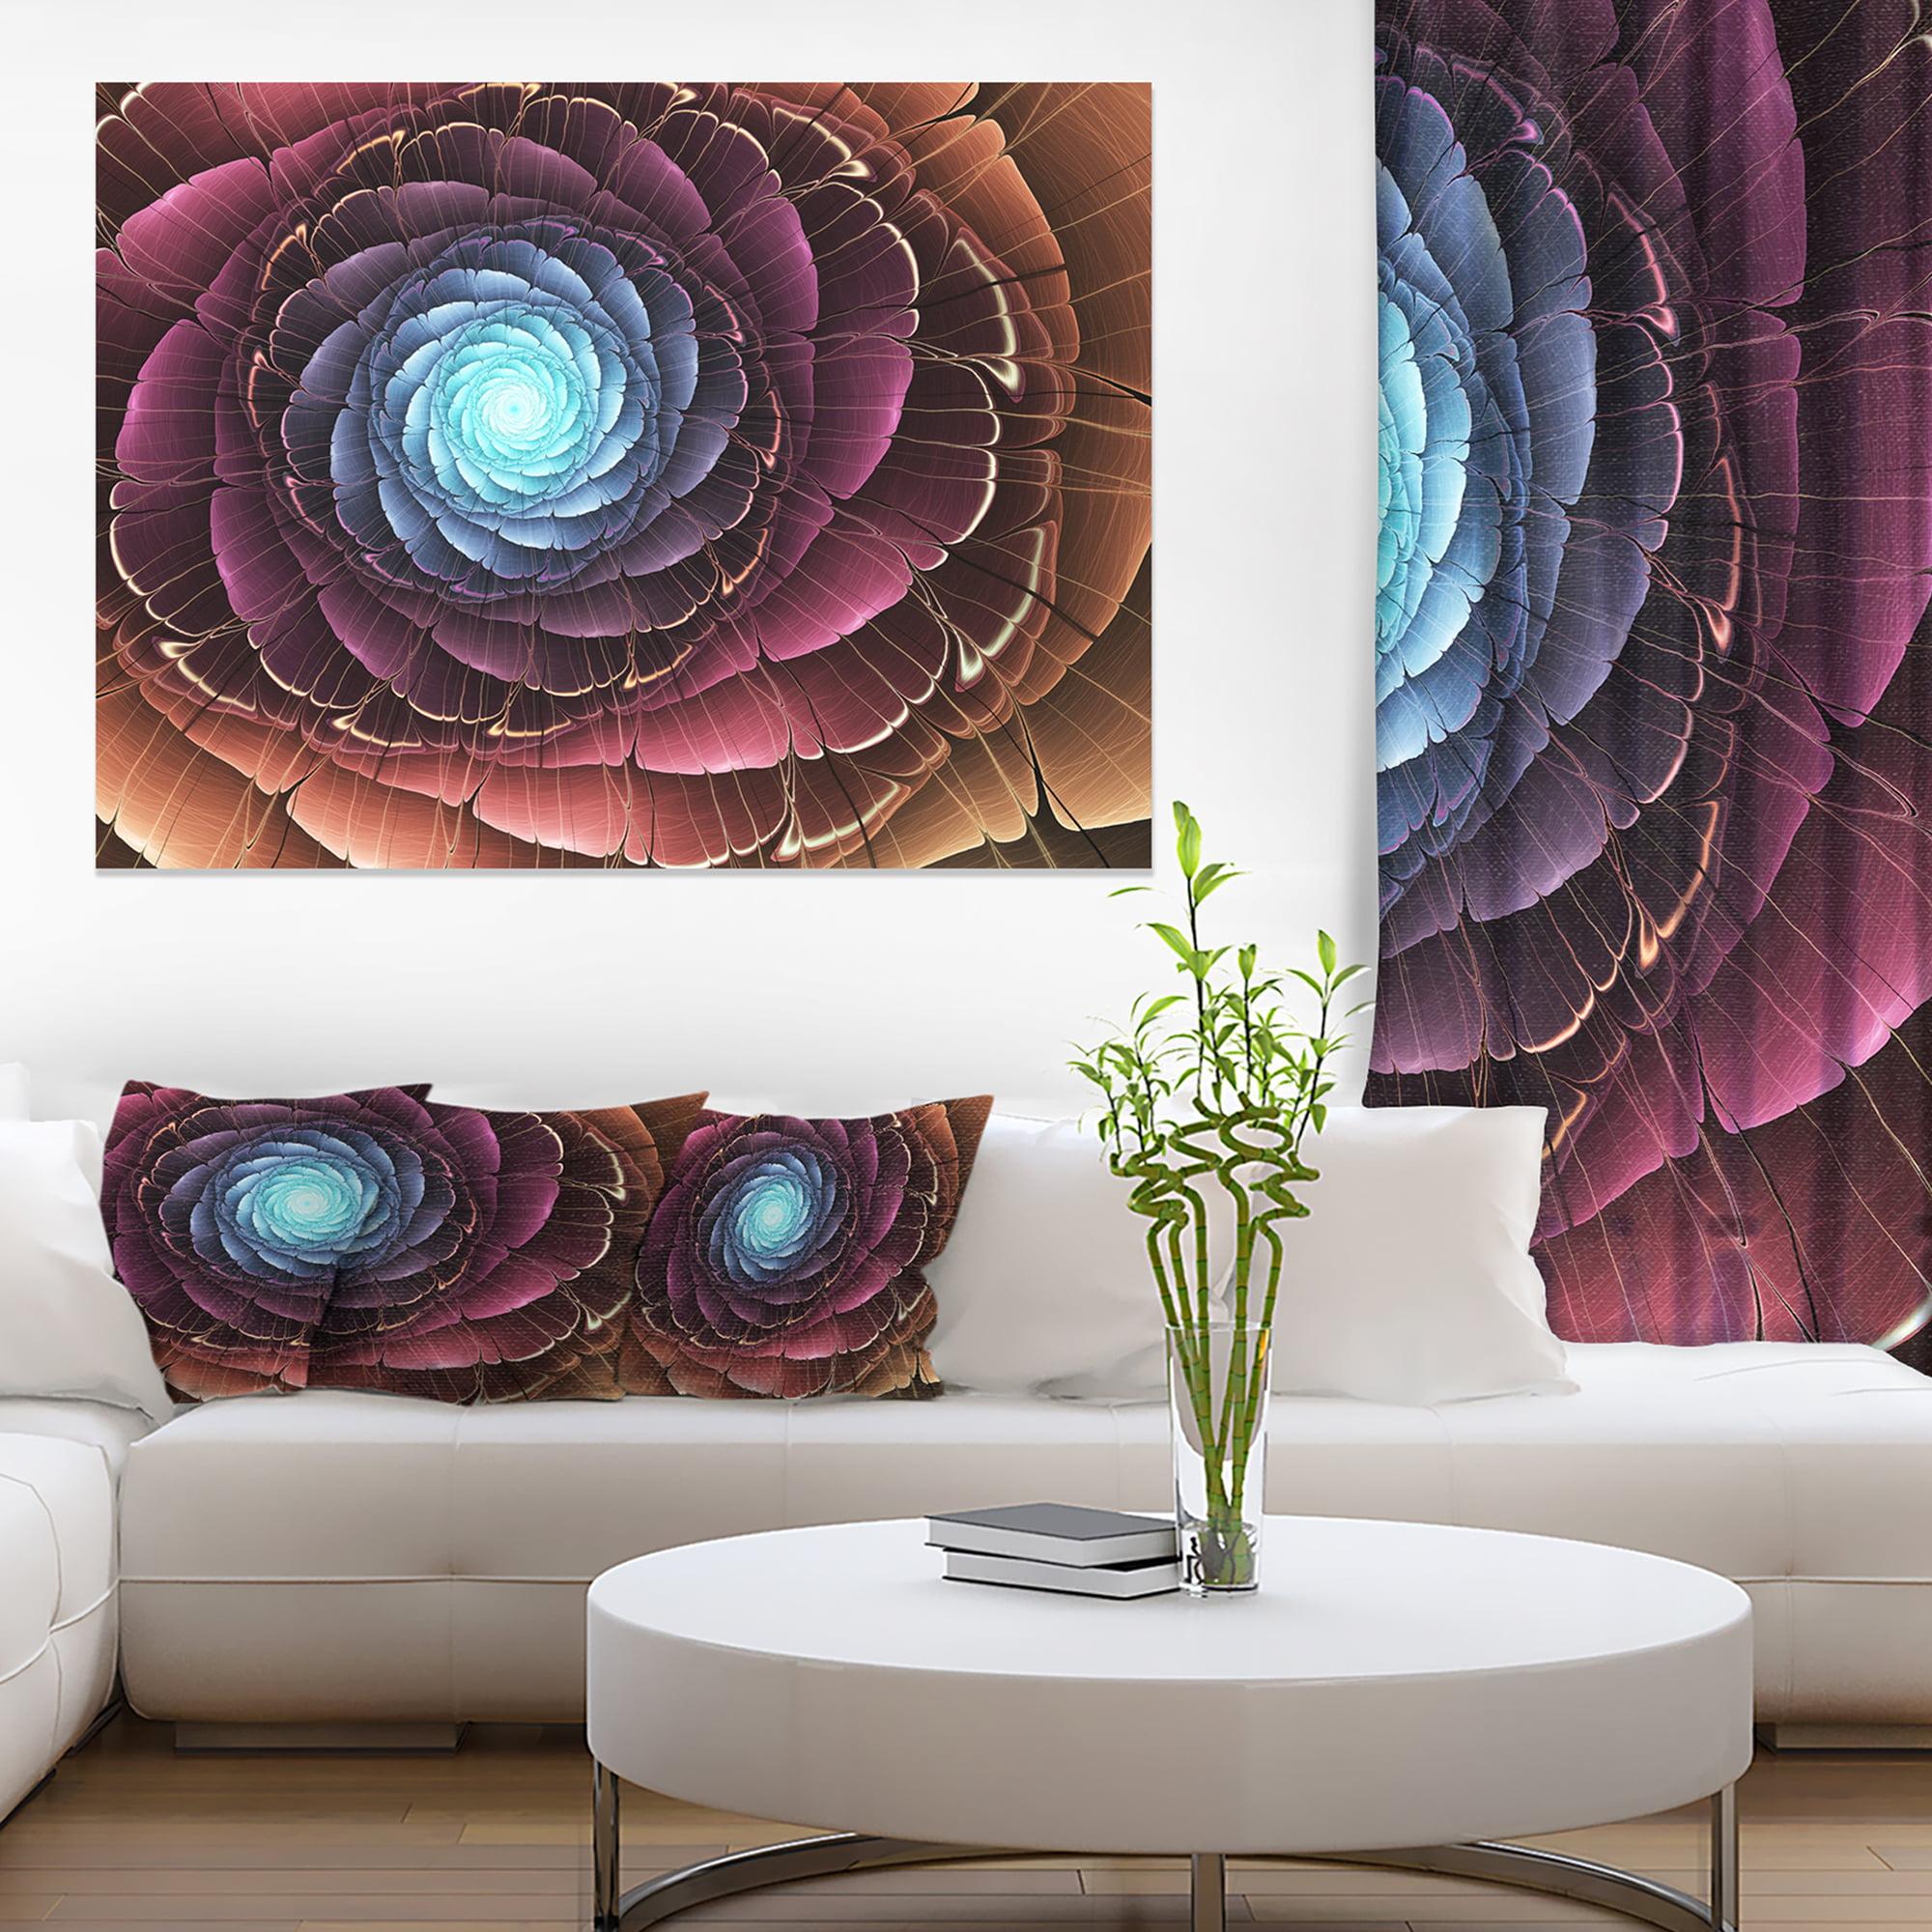 Fractal Flower Pink Brown Digital Art - Floral Canvas Art Print - image 3 of 3